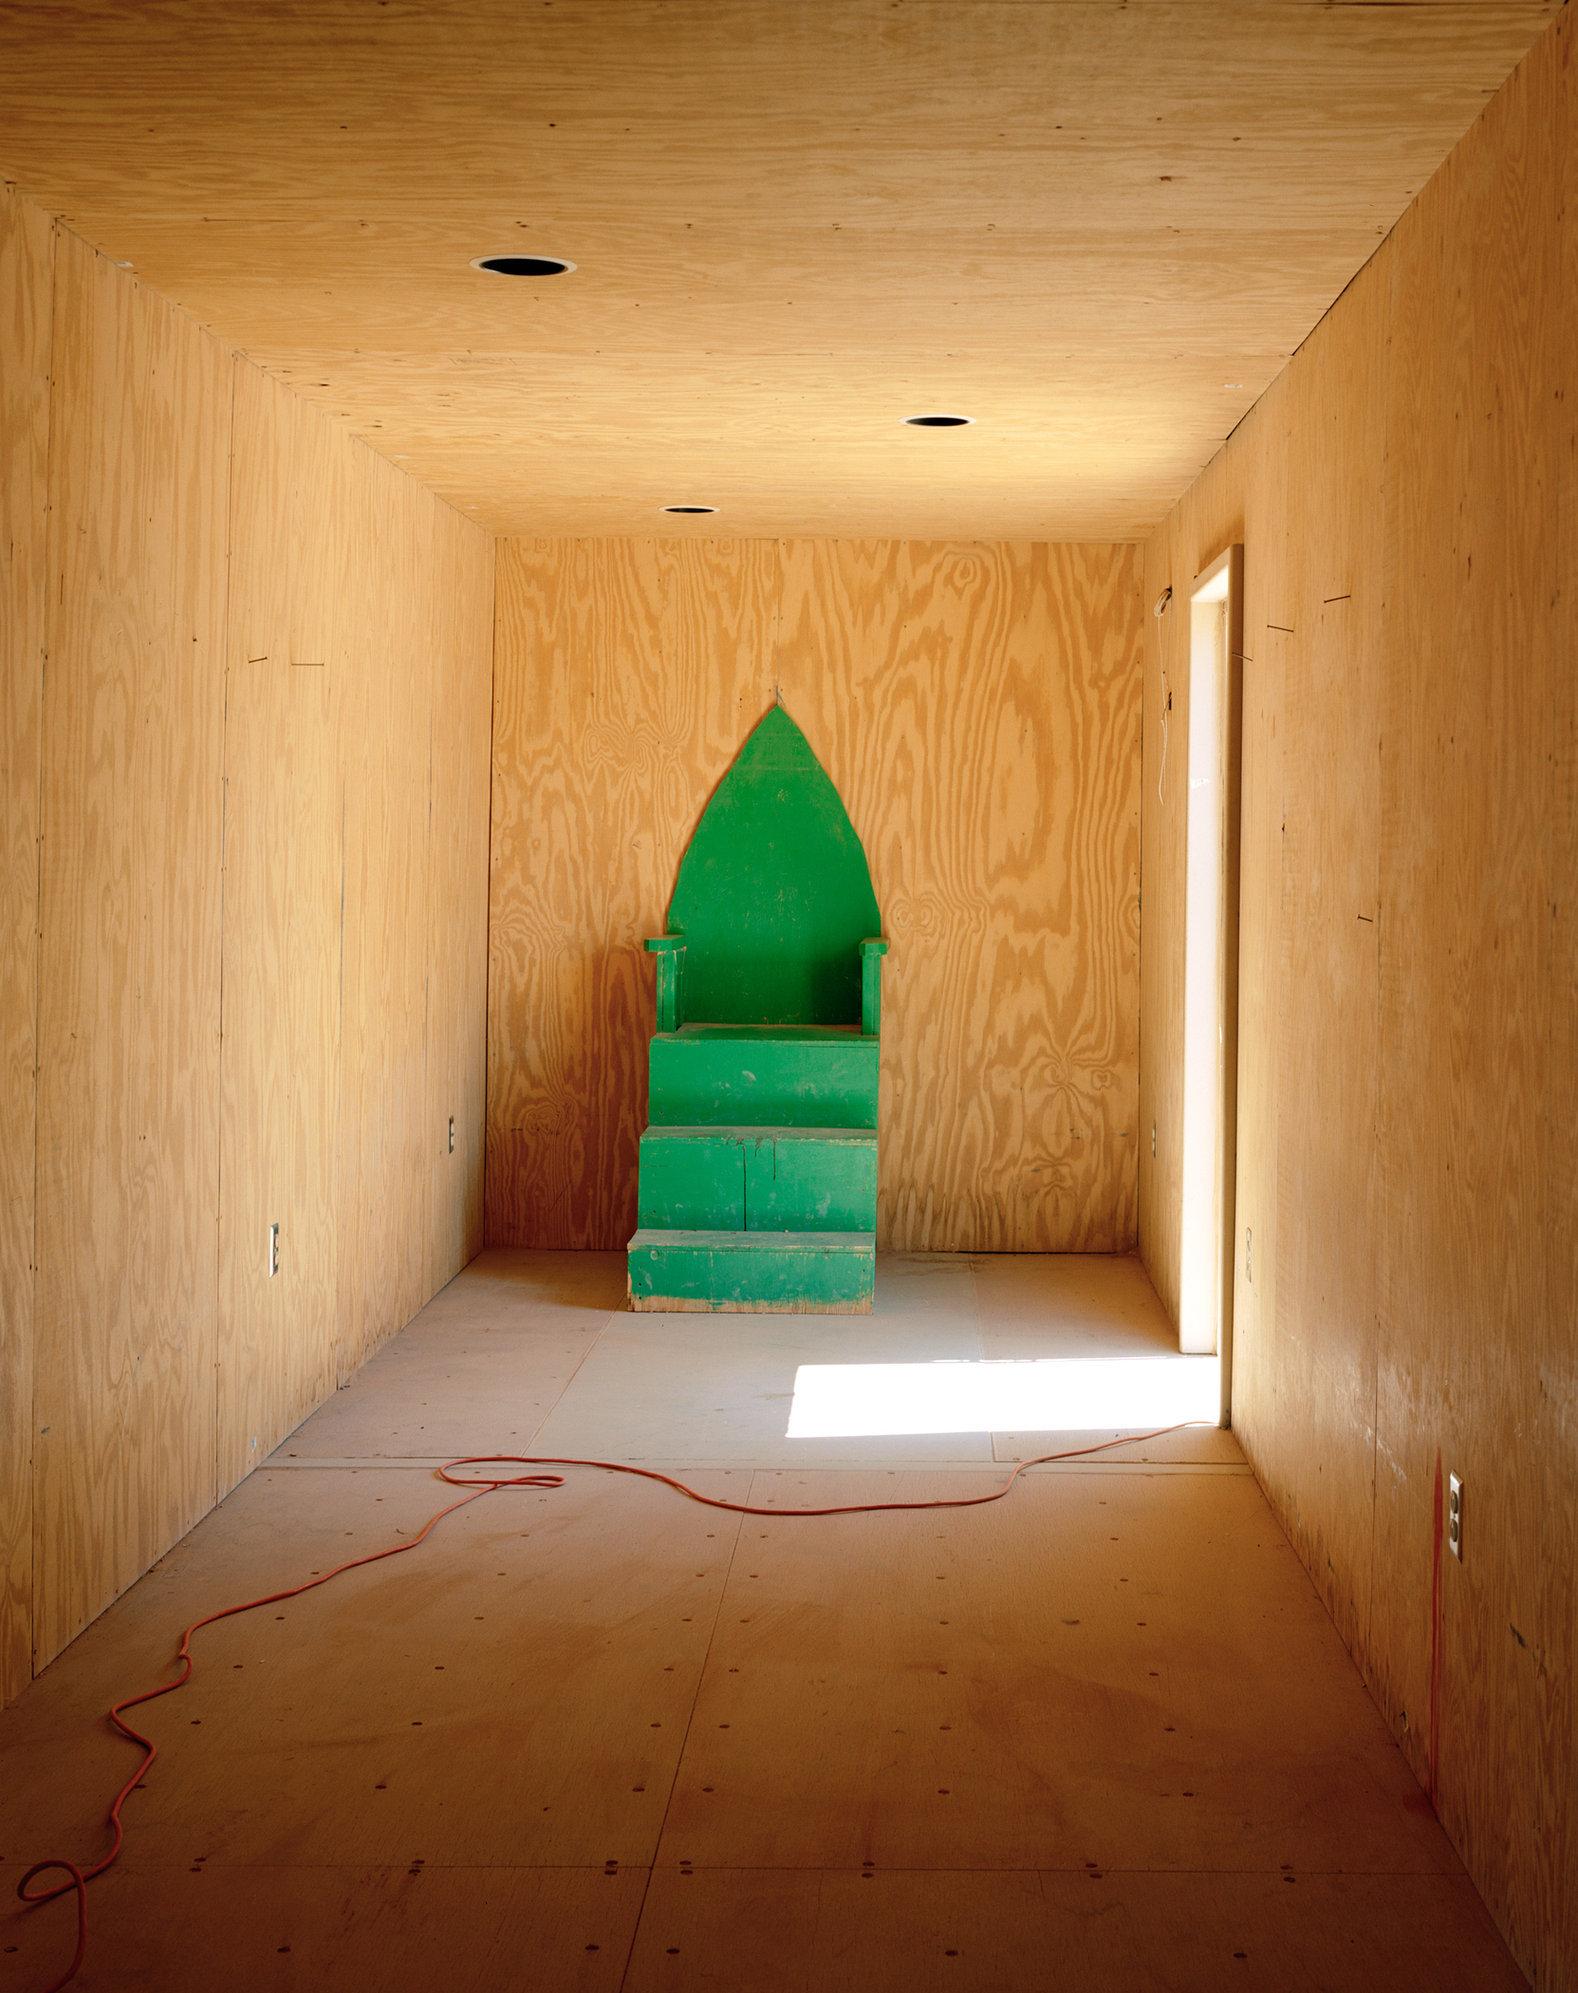 17_Beckett_Shia_Green_Chair.jpg